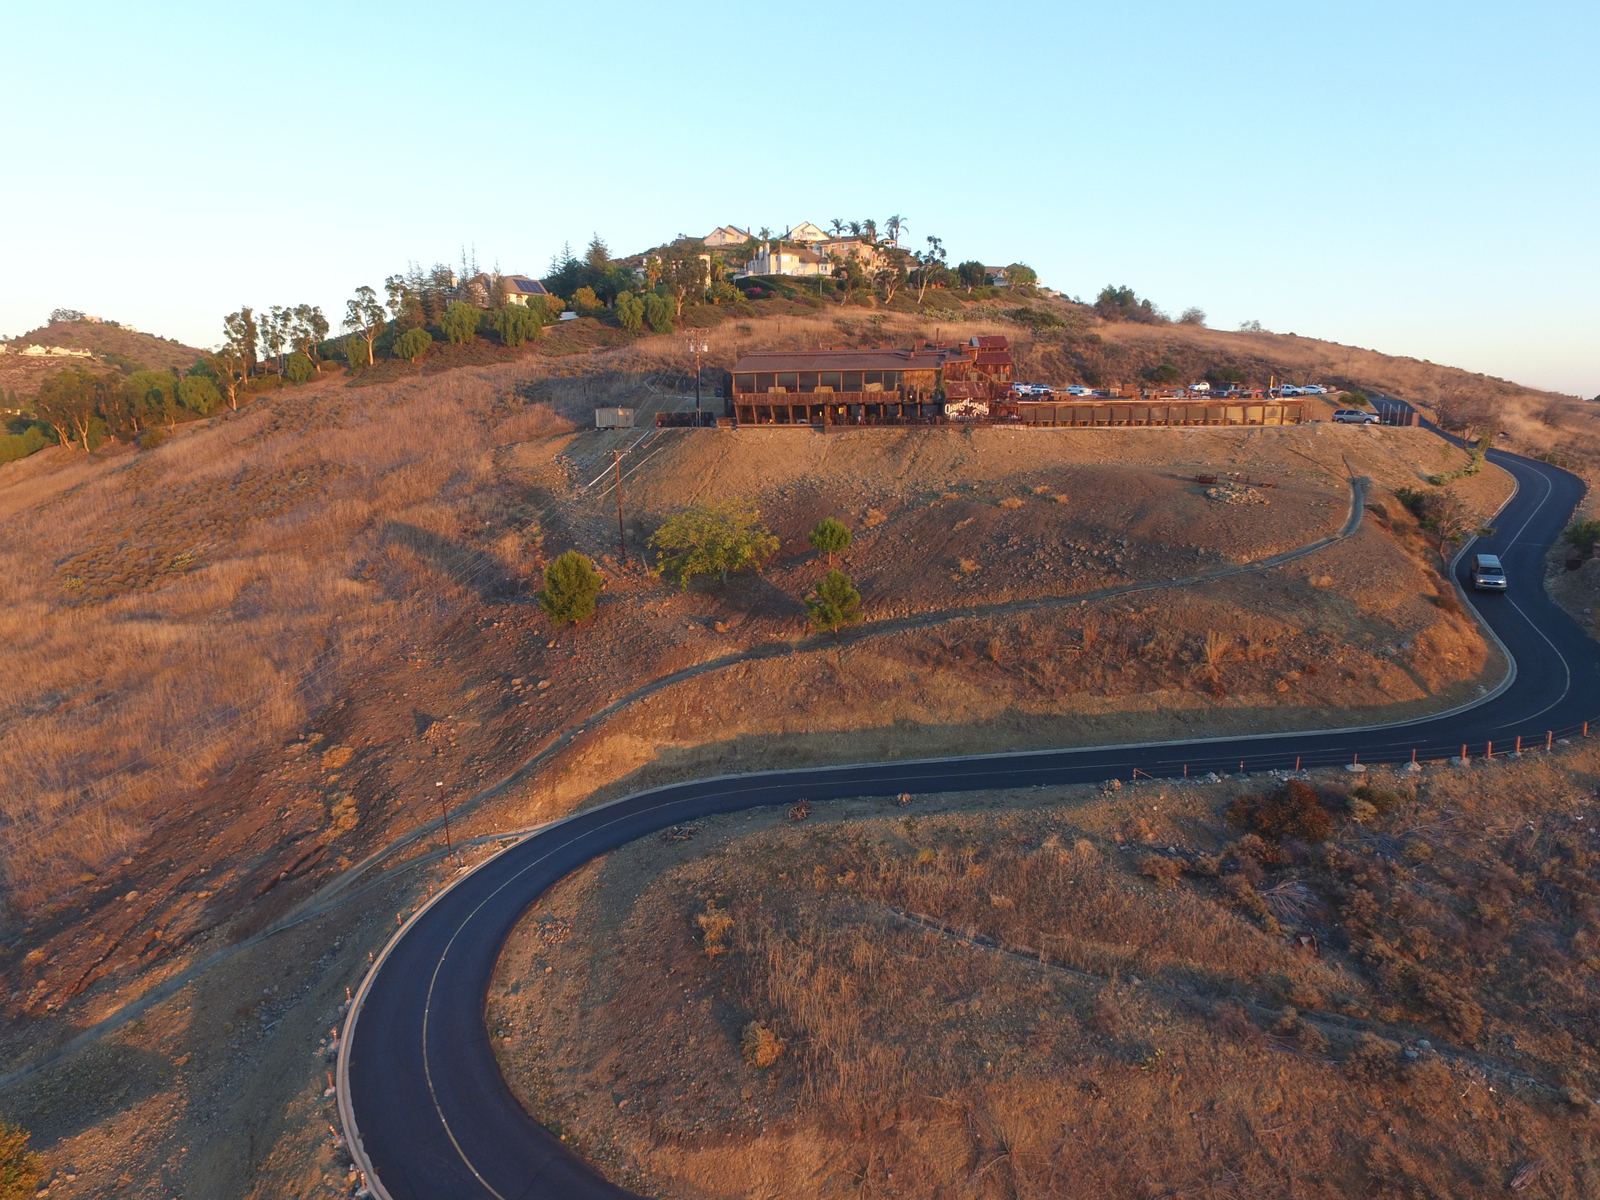 Orange County Mining Company